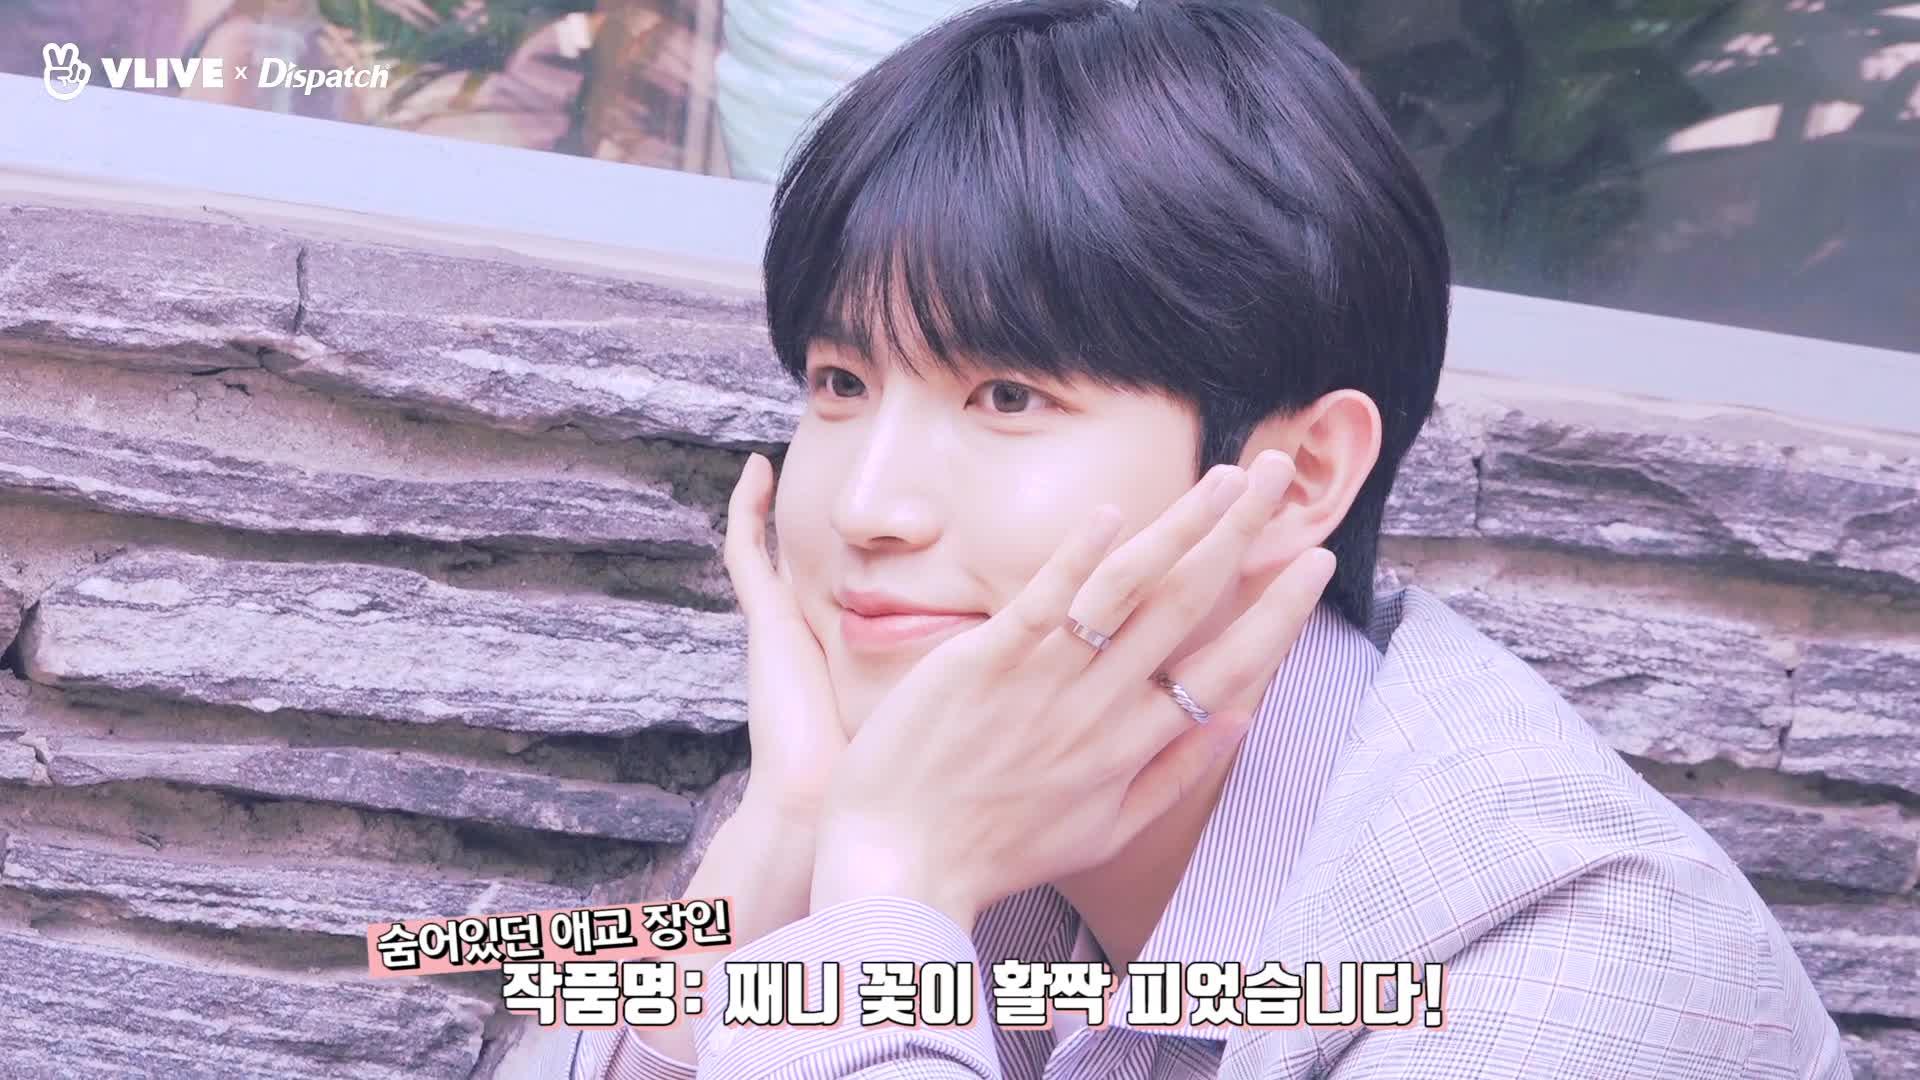 """[ⓓxV] """"천재만재 프로 아이돌 짼"""" HD MAKING SKETCH (김재환:KIM JAE HWAN)"""